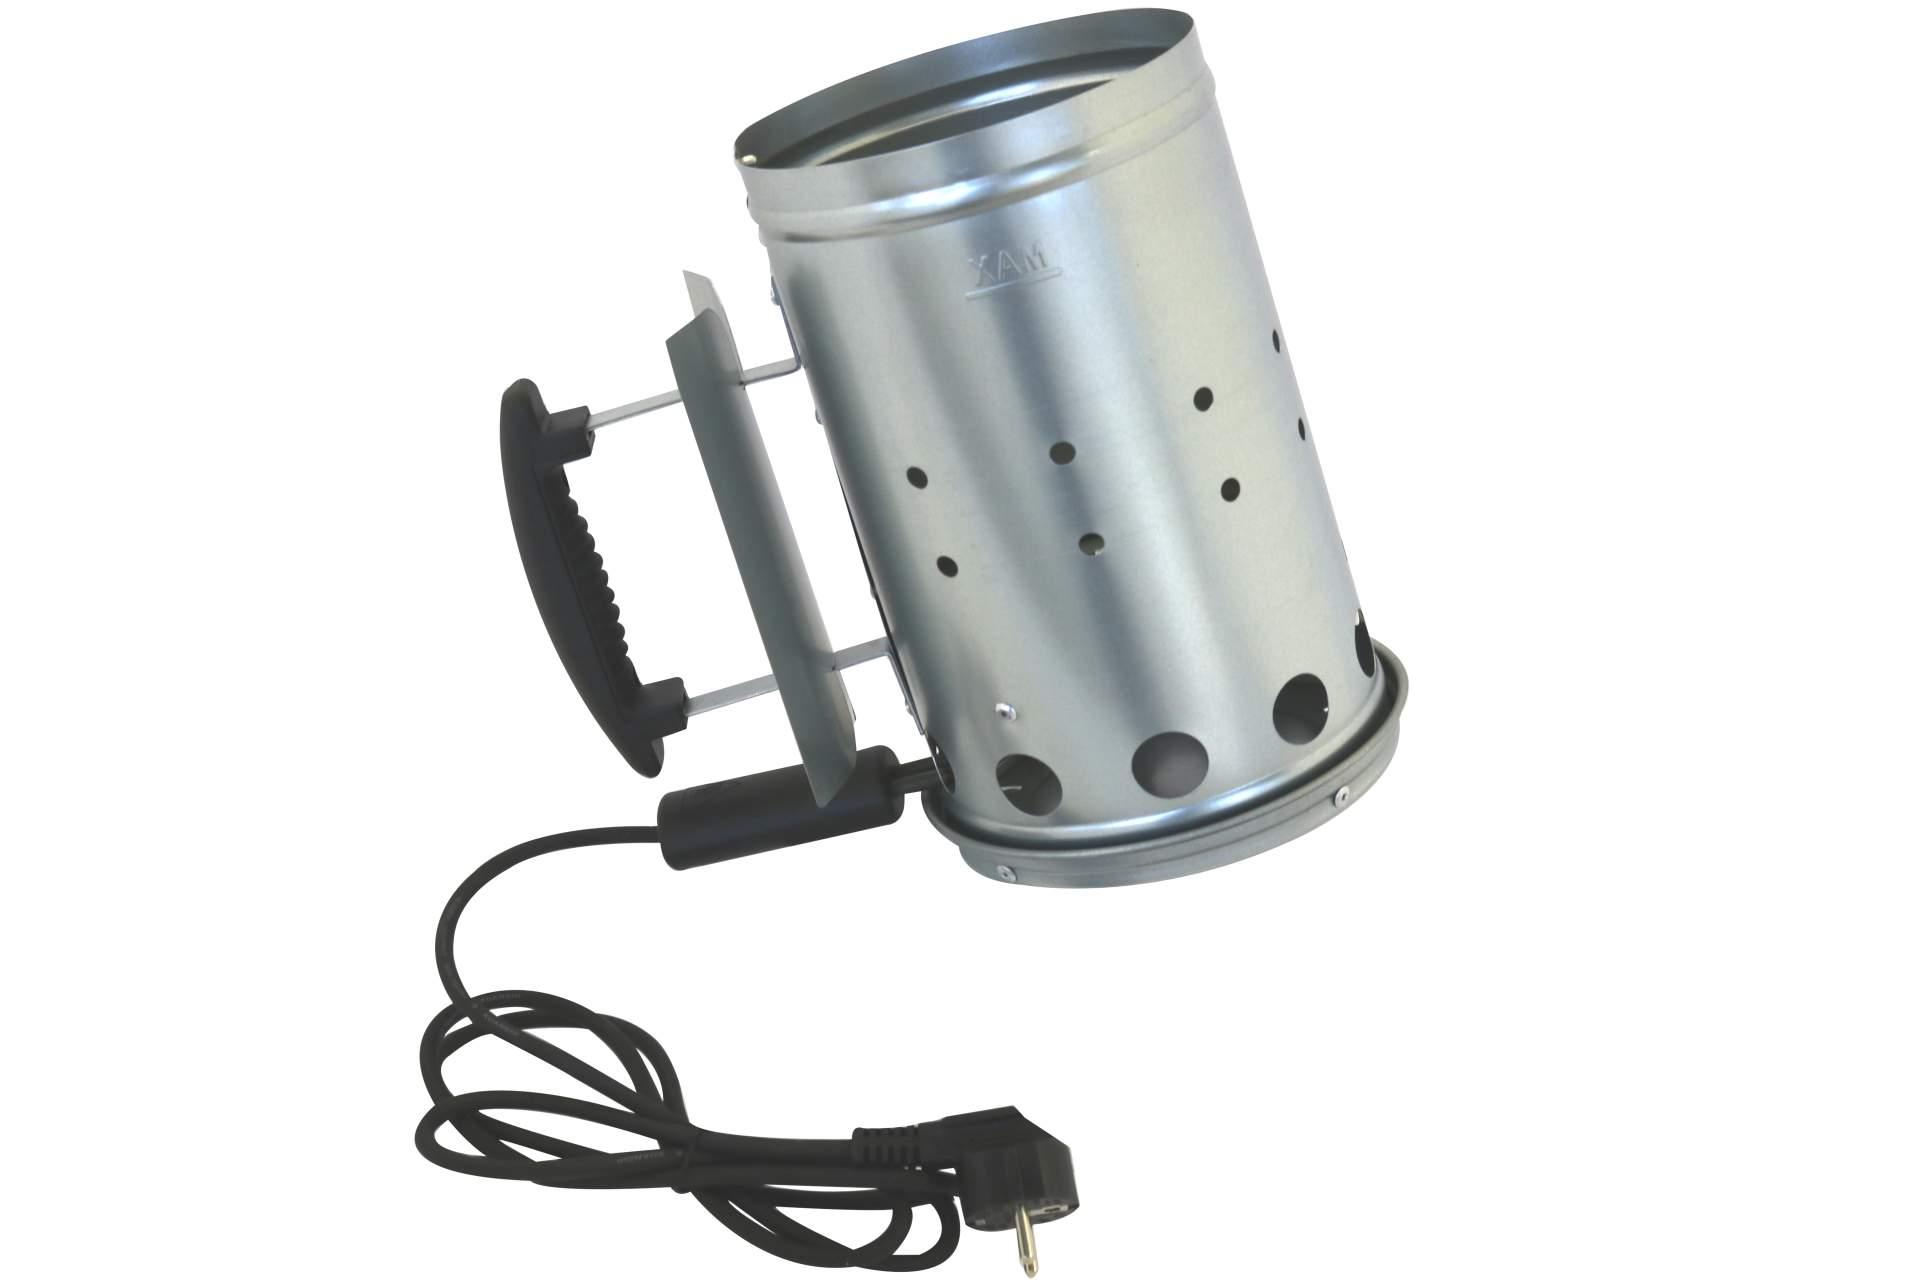 elektrischer grillanzünder kamin | grillanzünder und grillzubehör